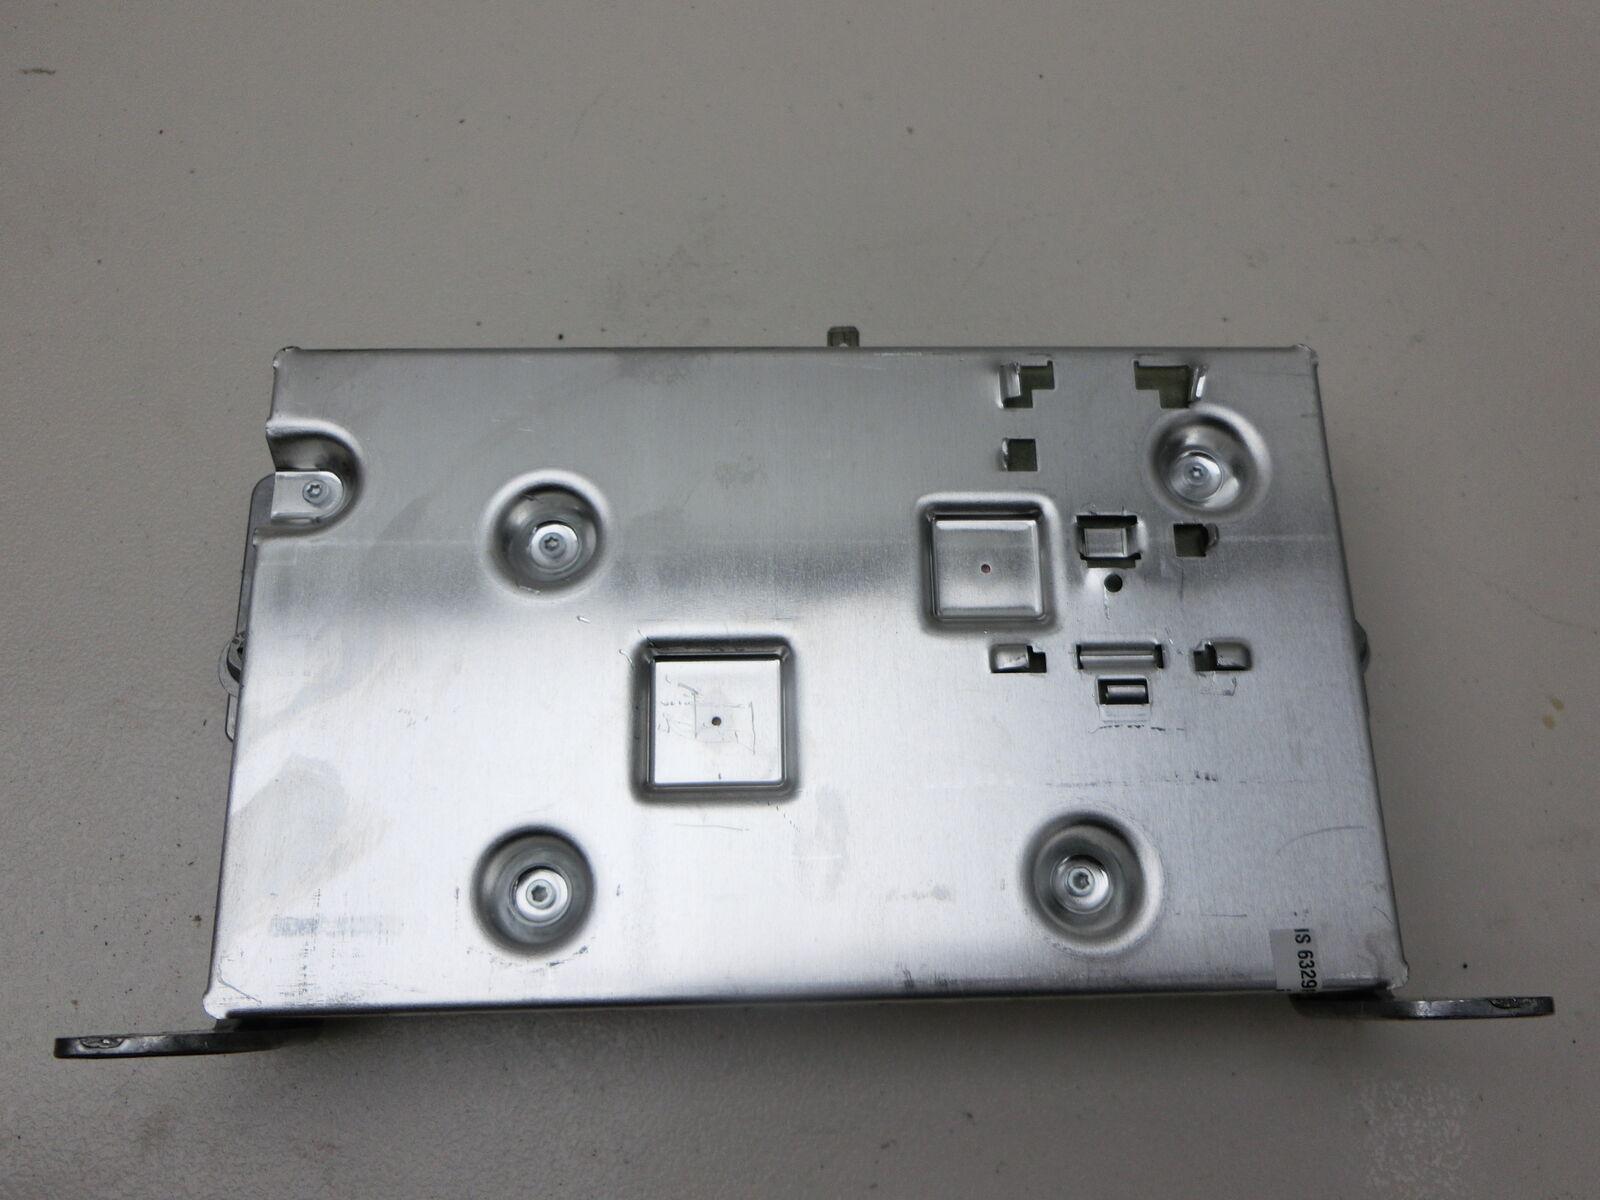 maleta 1x original STABILUS 0624kv amortiguador //espacio de carga